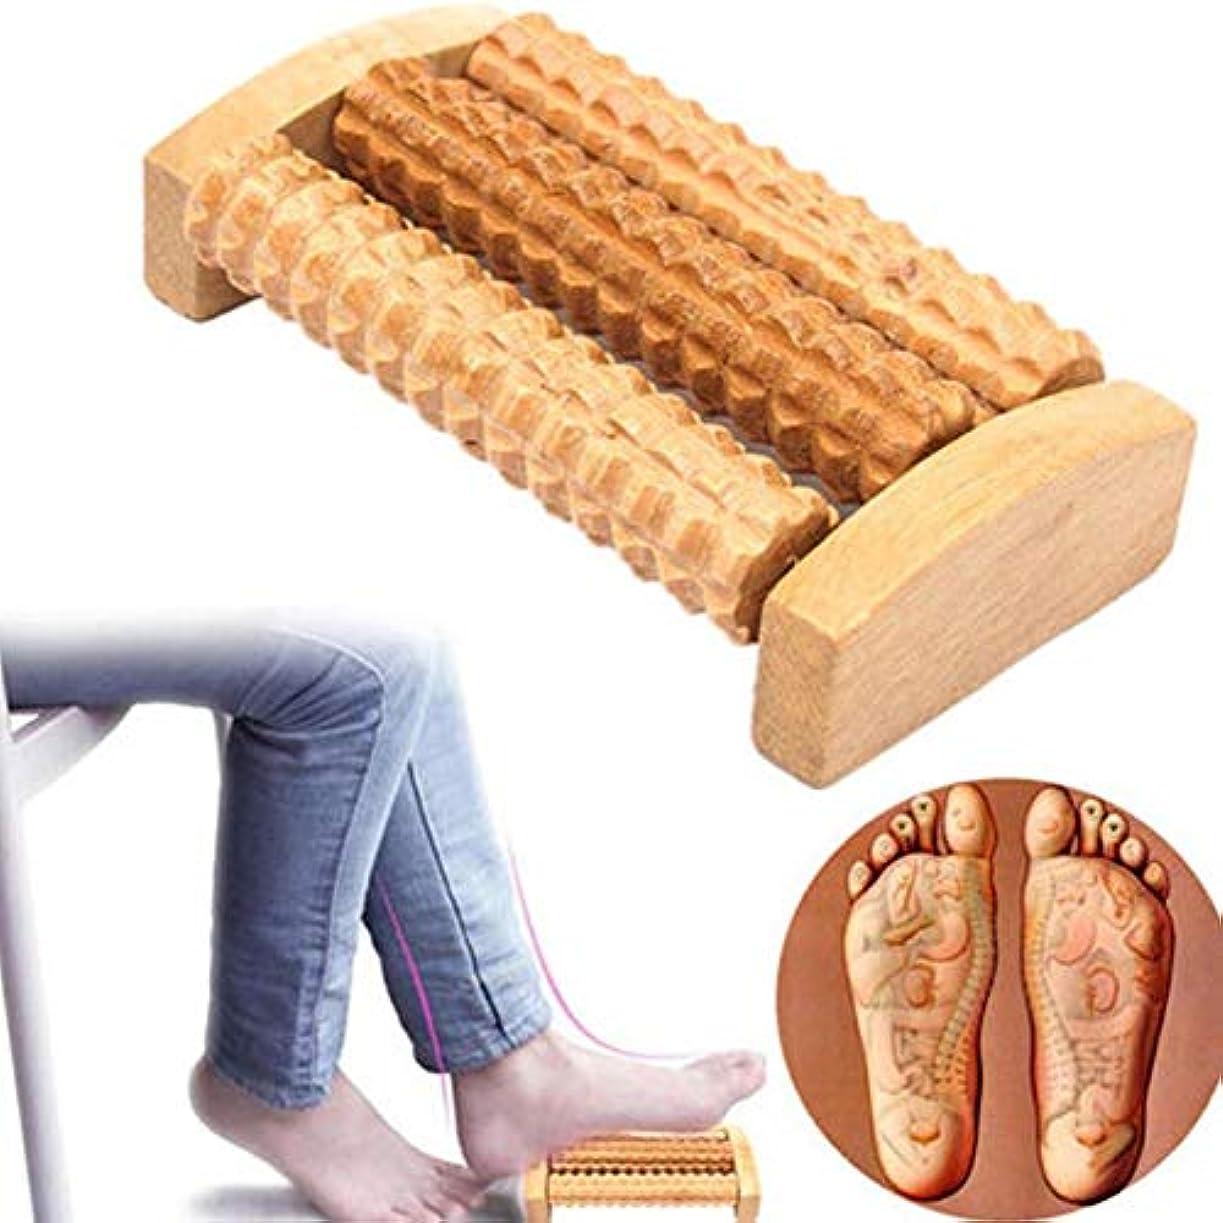 定期的にコミュニティ整理する木製フットマッサージャー高品質木製 5 行応力除去治療リラックスマッサージローラー健康 足ケアマッサージツール